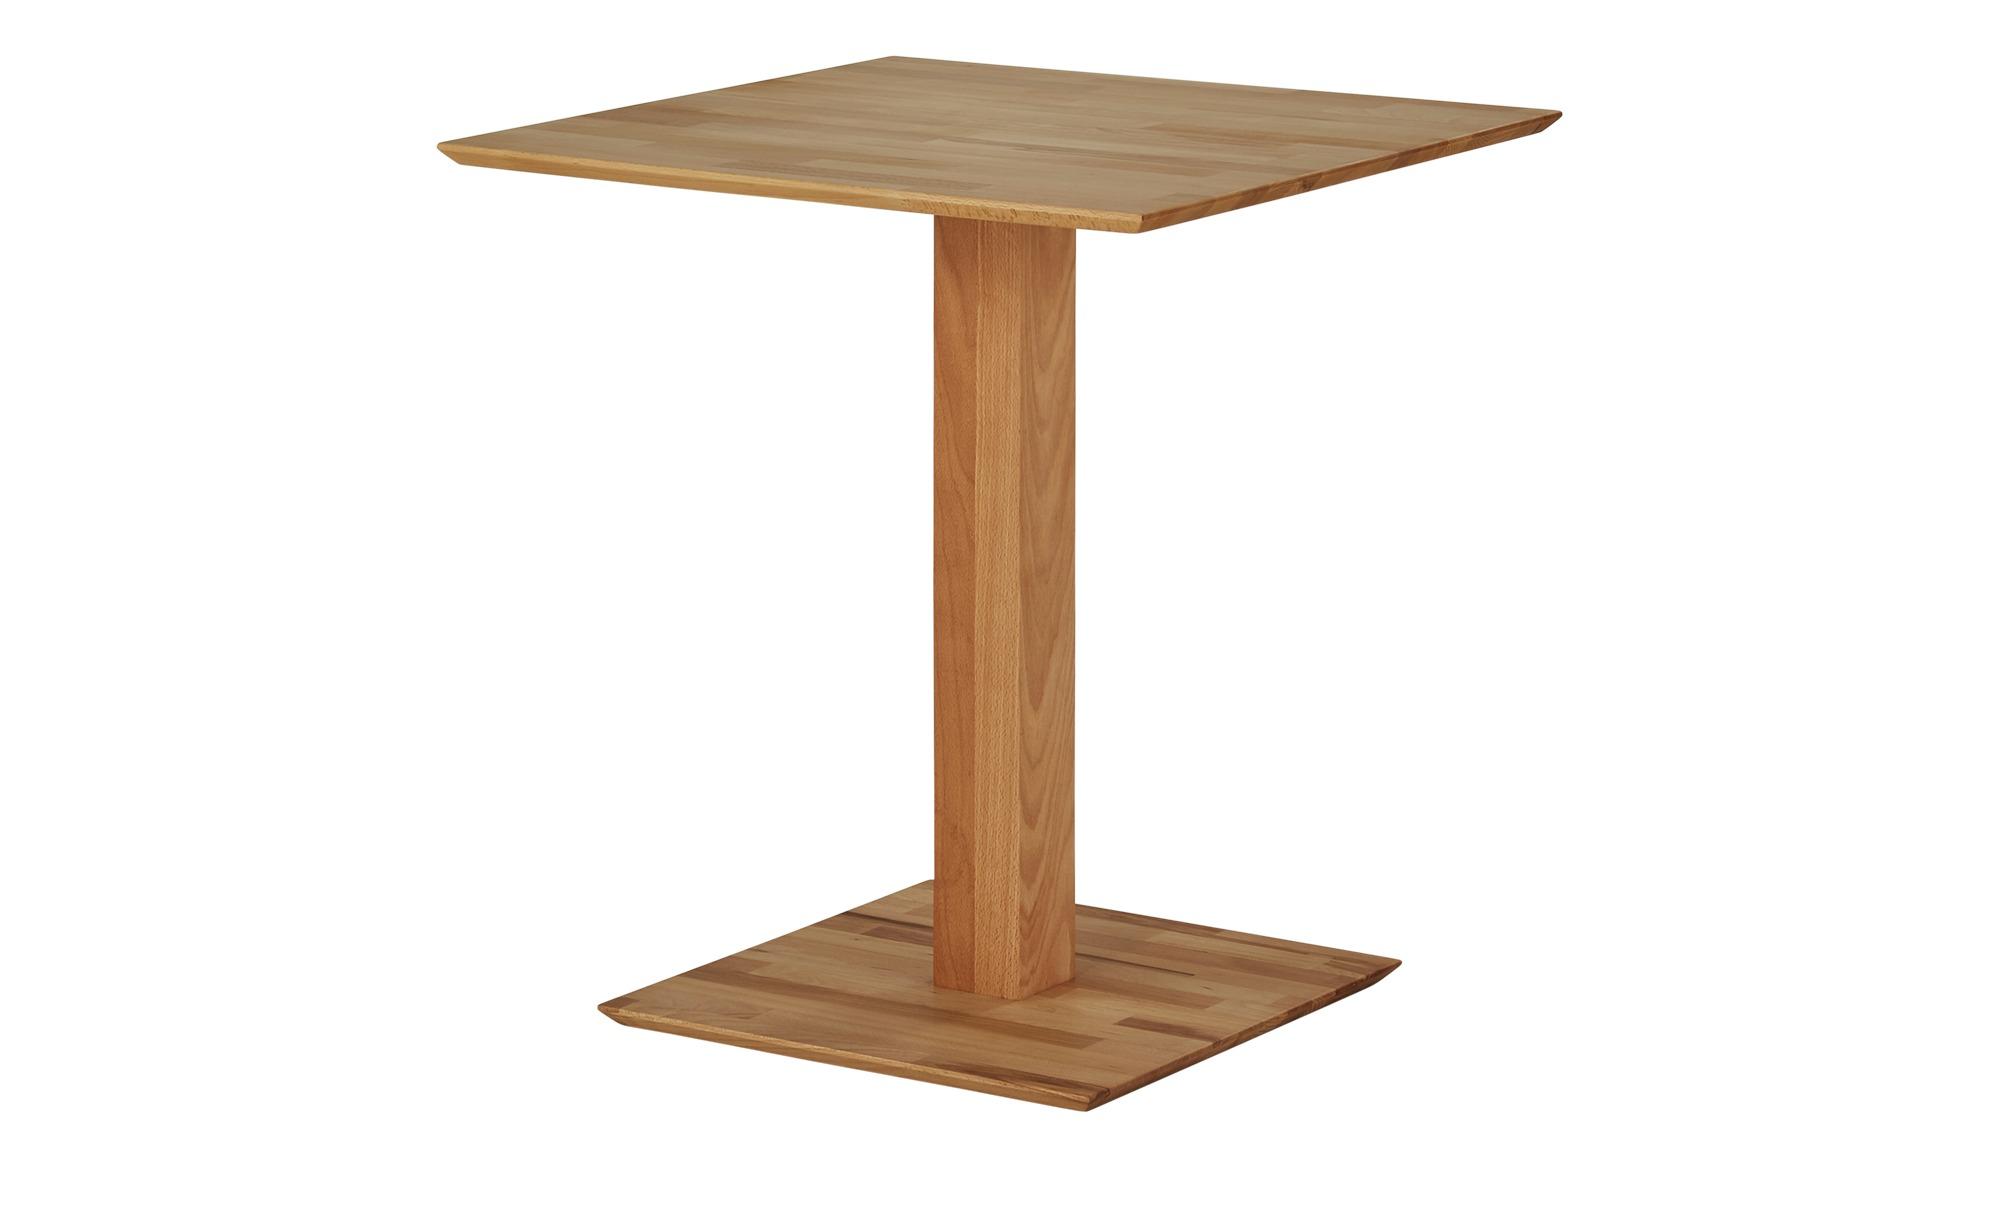 Woodford Esstisch  Arnela ¦ holzfarben ¦ Maße (cm): B: 70 H: 76 Tische > Esstische > Esstische massiv - Höffner